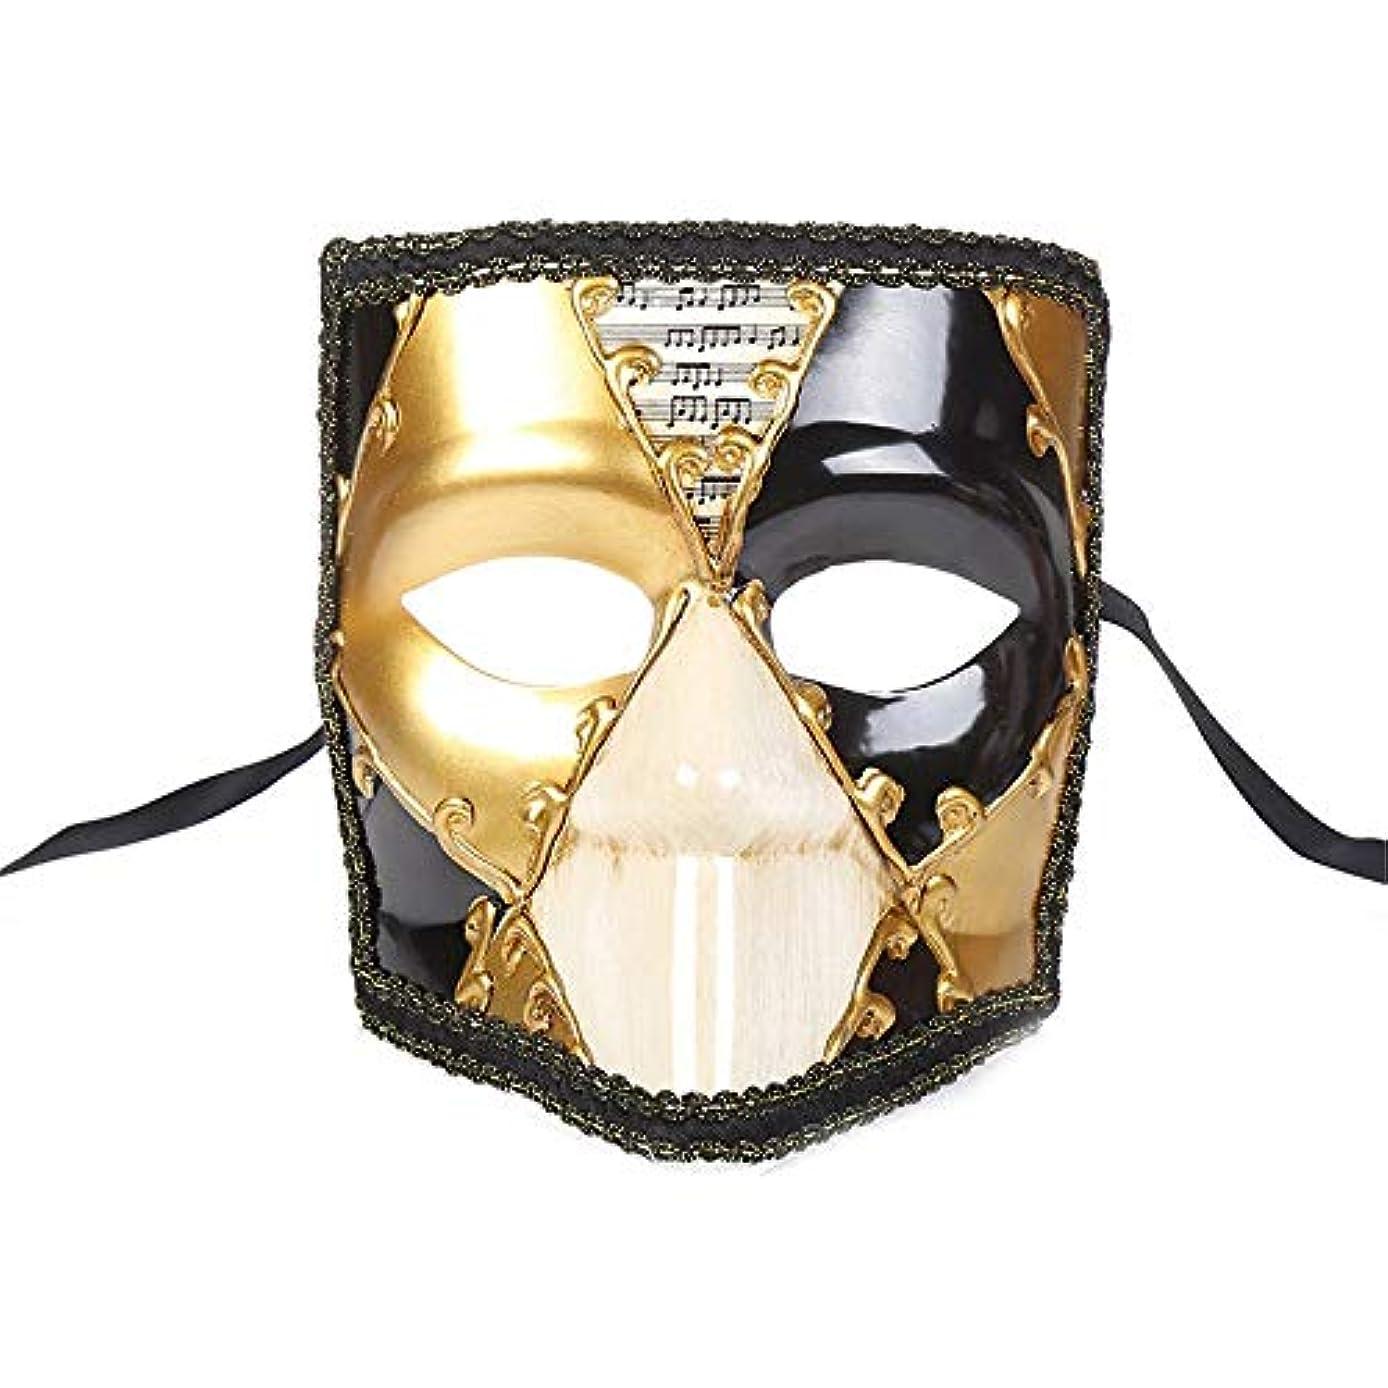 熟達安価なコントロールダンスマスク ピエロマスクヴィンテージマスカレードショーデコレーションコスプレナイトクラブプラスチック厚いマスク ホリデーパーティー用品 (色 : 黄, サイズ : 18x15cm)